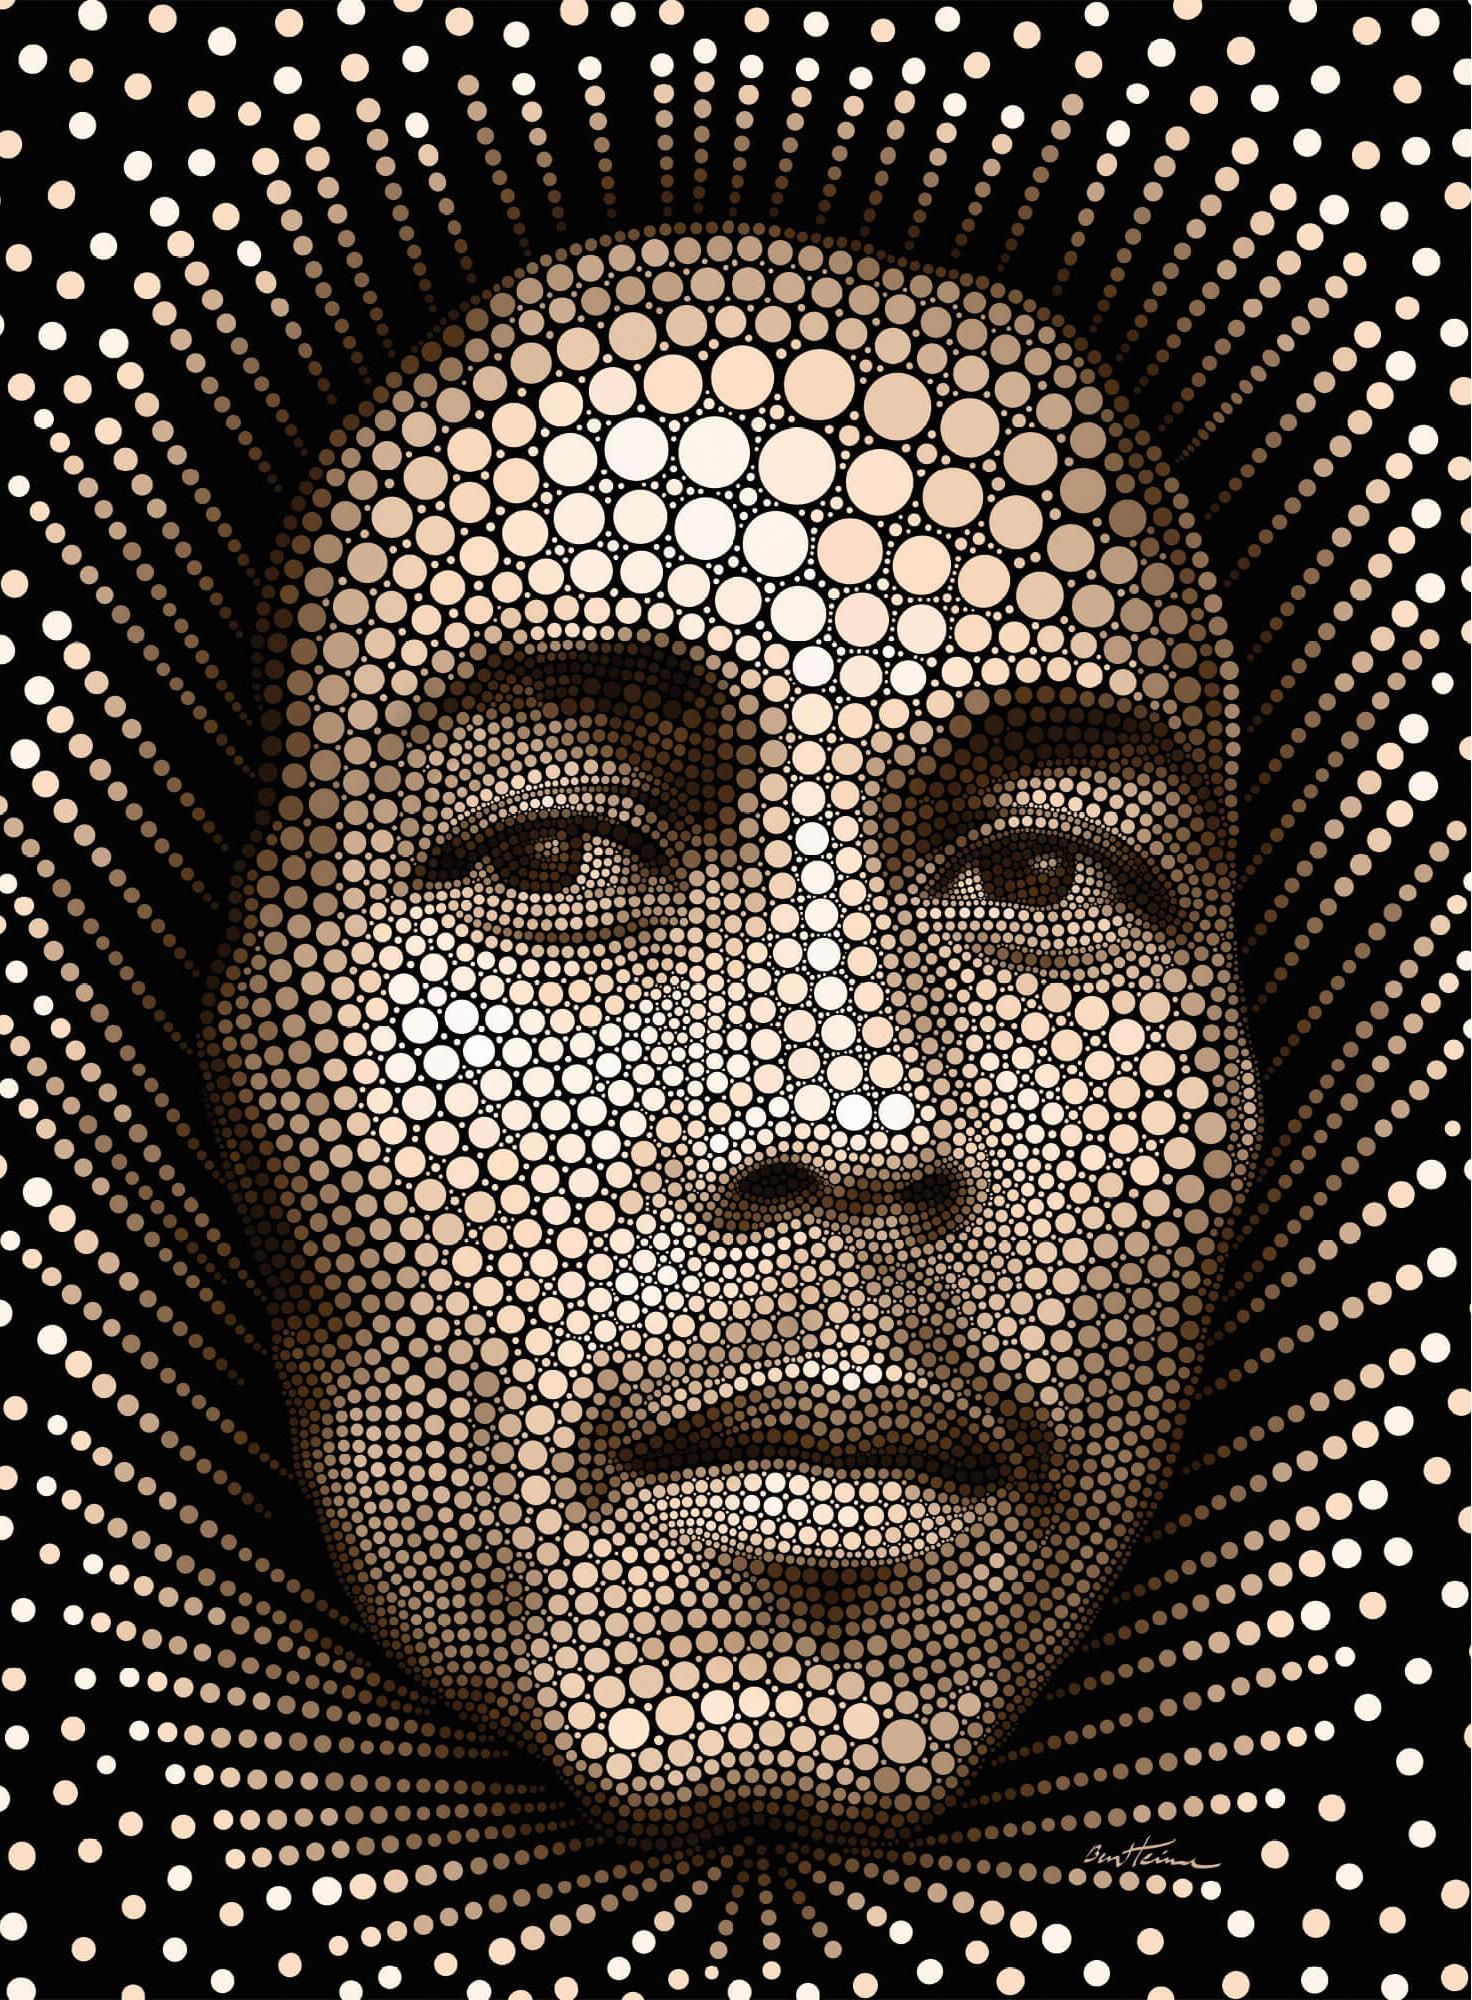 Vliestapete Ben Heine Circlism: Bob Marley schwarz Fototapeten Tapeten Bauen Renovieren